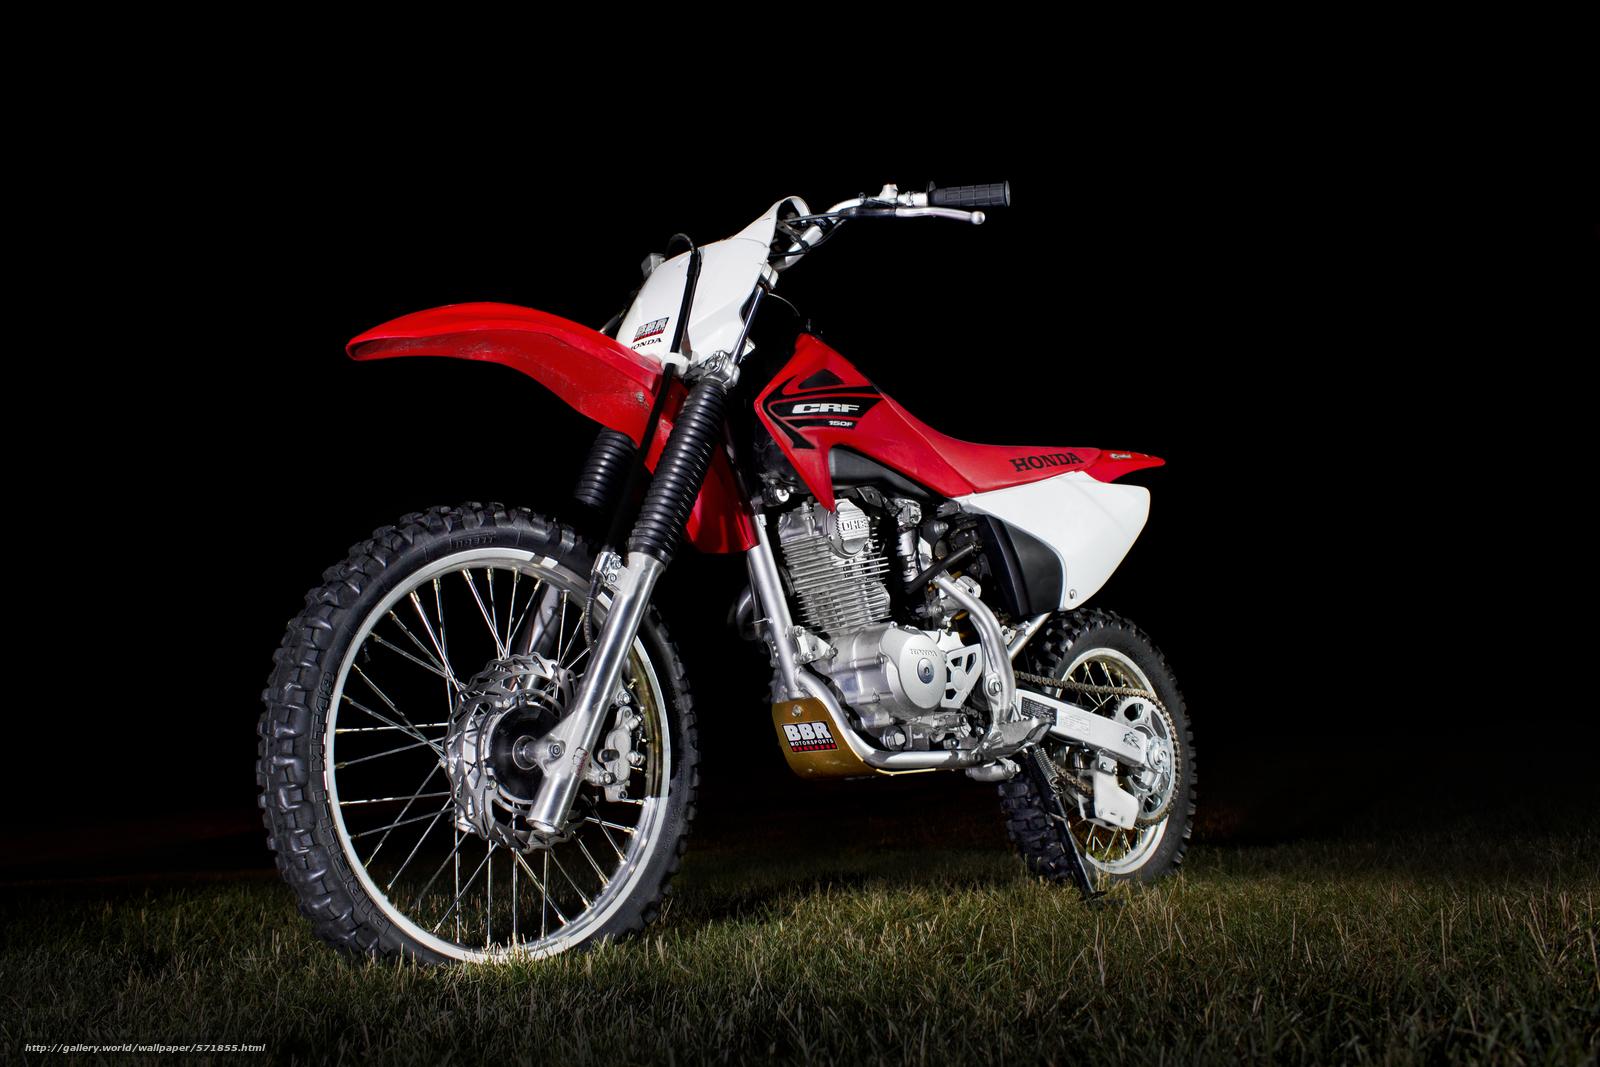 pobra tapety Honda CRF 150F,  czerwony,  motocross Darmowe tapety na pulpit rozdzielczoci 5184x3456 — zdjcie №571855